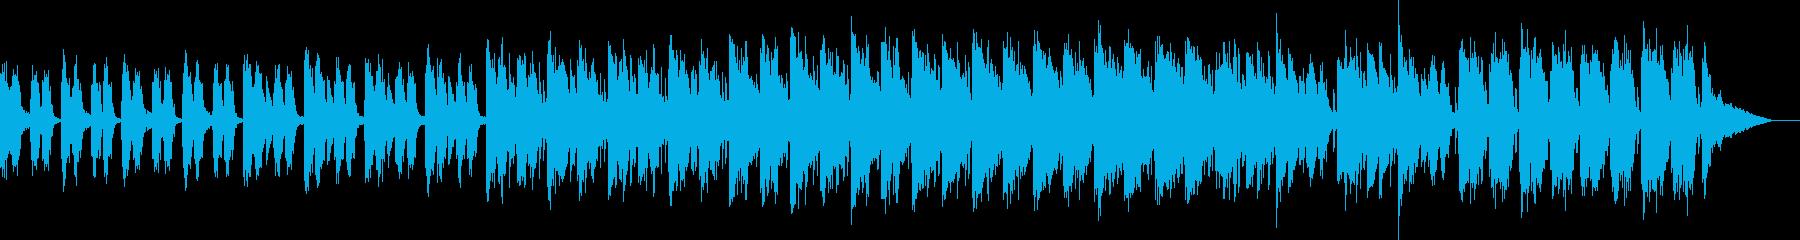 企業VP映像向け 無機質 知的 プレゼンの再生済みの波形